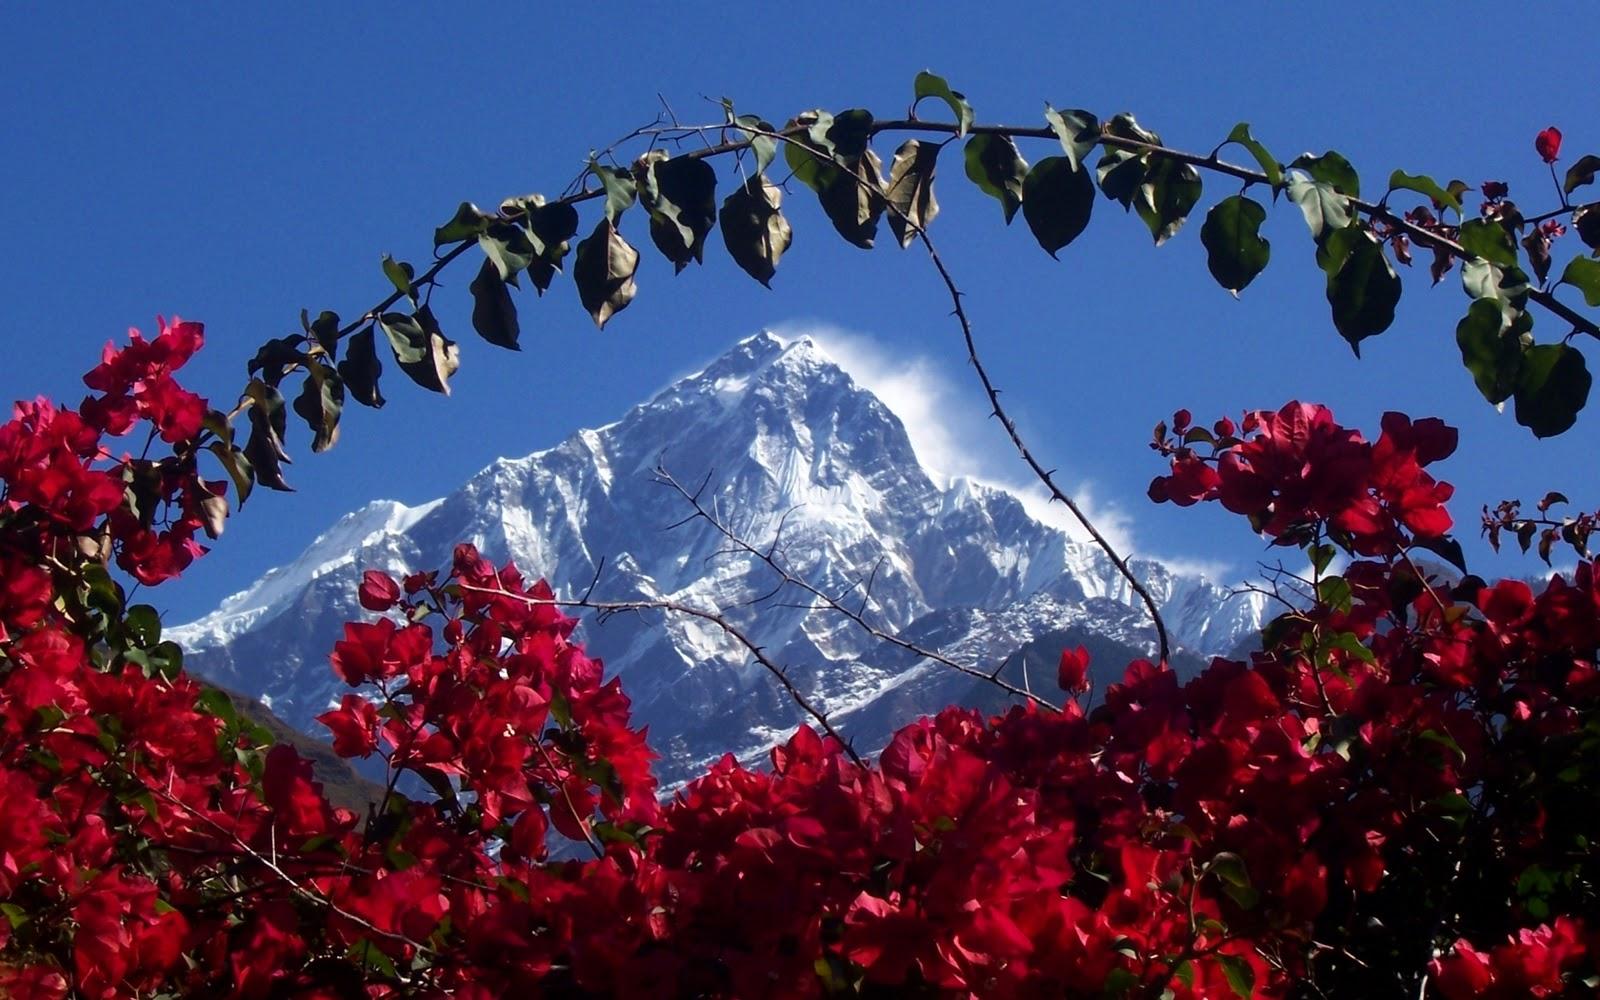 TGxUtN78AeIAAAAAAAAATYRfAxIeUXAyUs16006   Himalaya in Nepaljpg 1600x1000